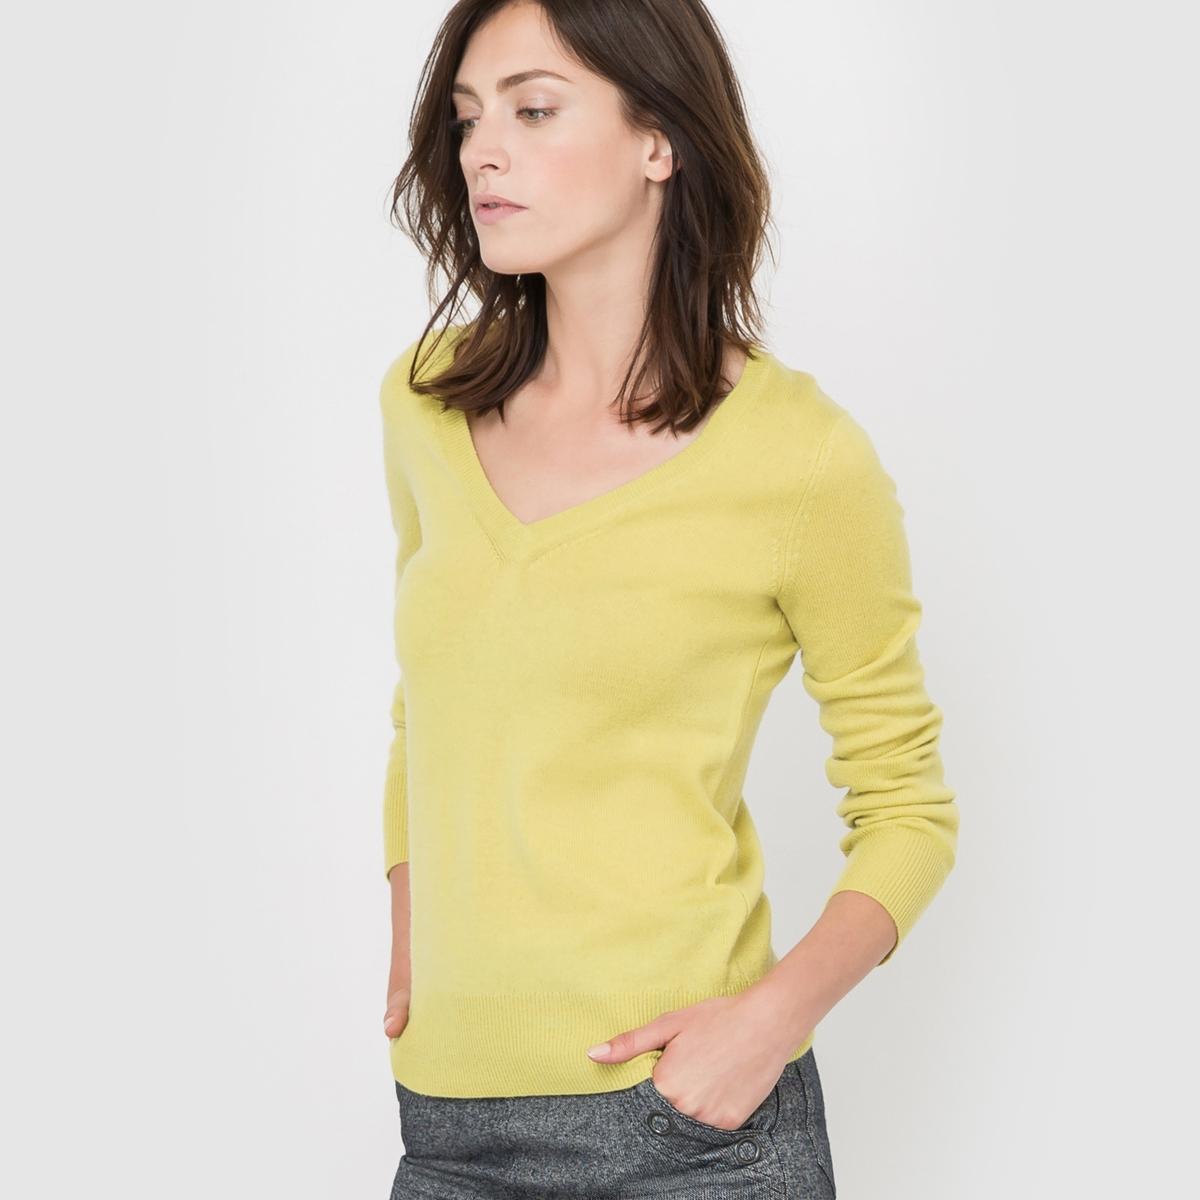 Пуловер с V-образным вырезом, 100% кашемираПуловер с V-образным вырезом и длинными рукавами. Края рукавов и низа связаны в рубчик.Джерси, 100% кашемира. Длина 64 см.<br><br>Цвет: желтый абсент<br>Размер: 50/52 (FR) - 56/58 (RUS)